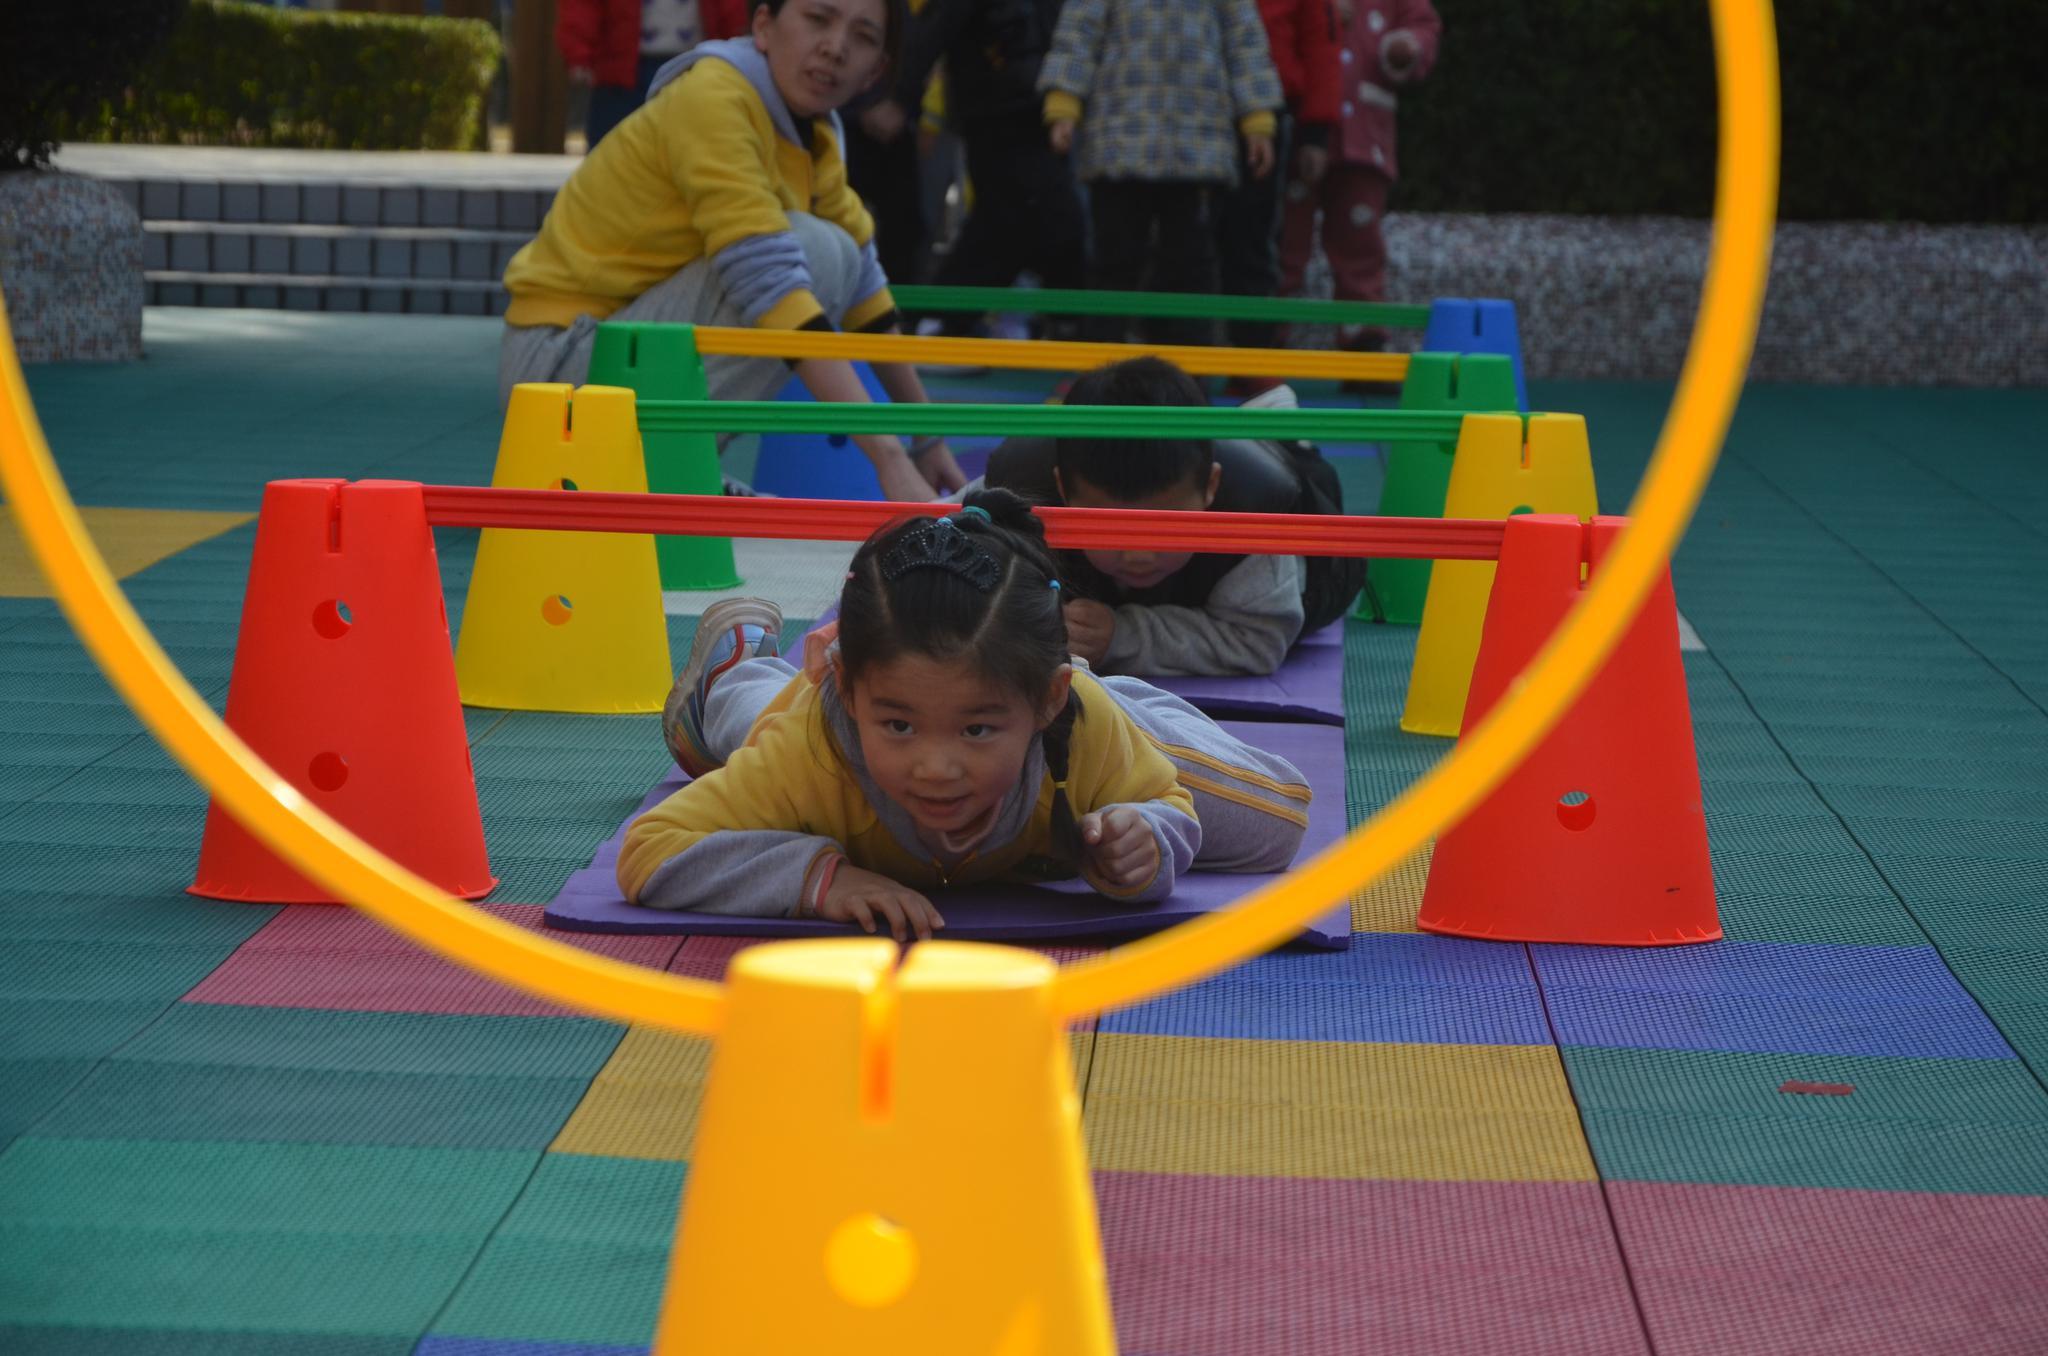 中天国际幼儿园开展第三届体能训练成果展示活动